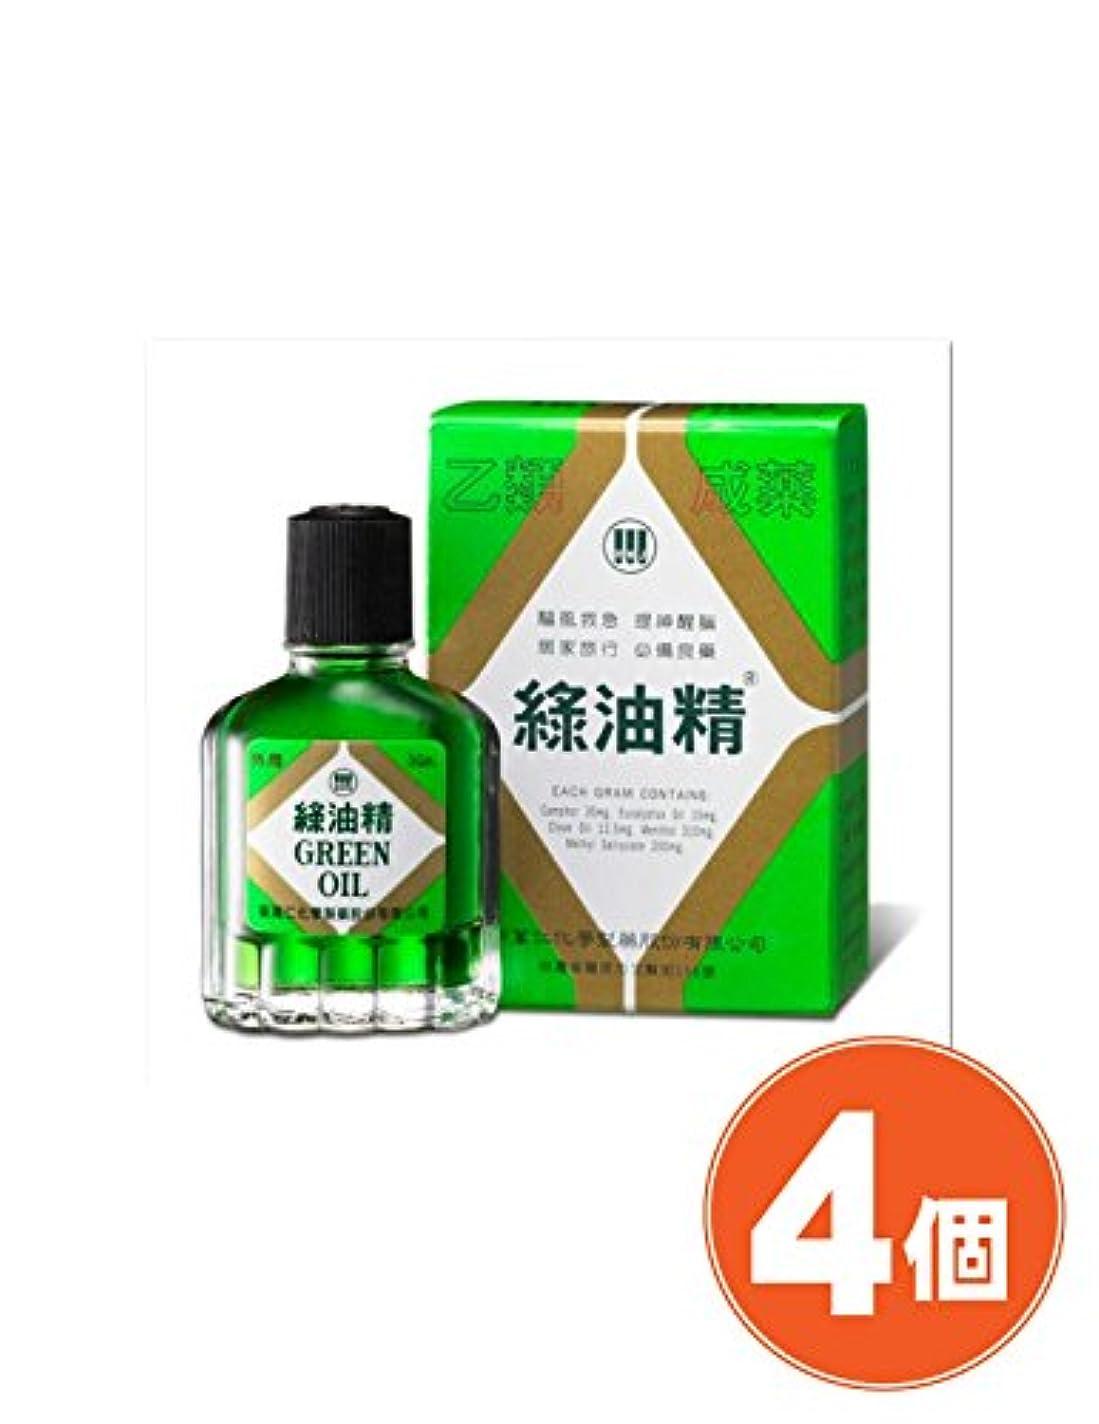 戦術狂気追跡《新萬仁》台湾の万能グリーンオイル 緑油精 3g ×4個 《台湾 お土産》 [並行輸入品]